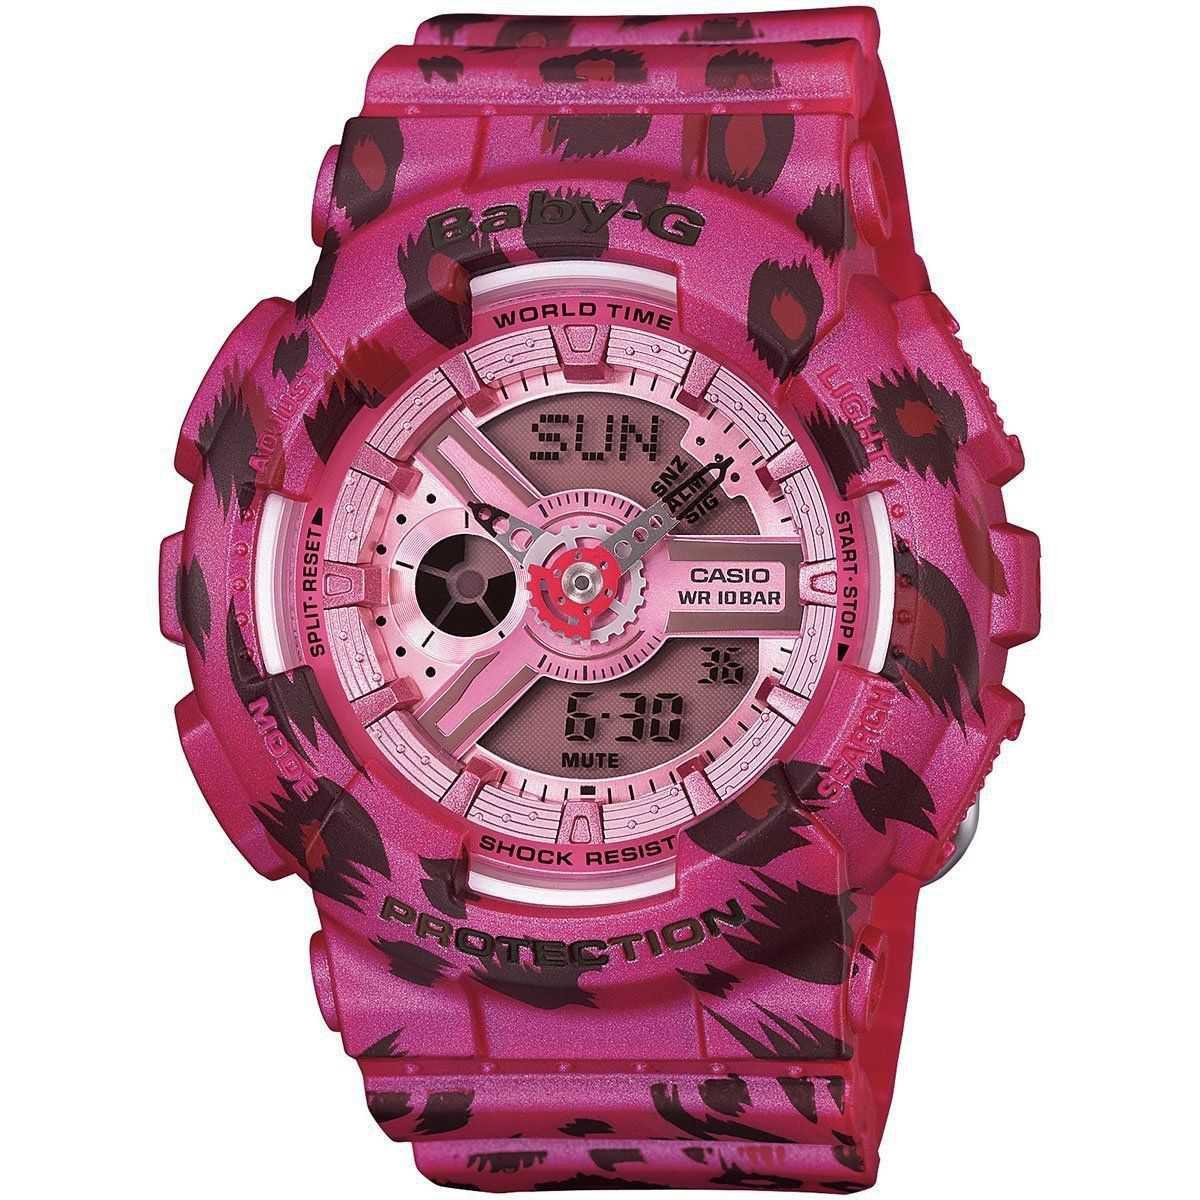 Baby-G: Pink Leopard Watch